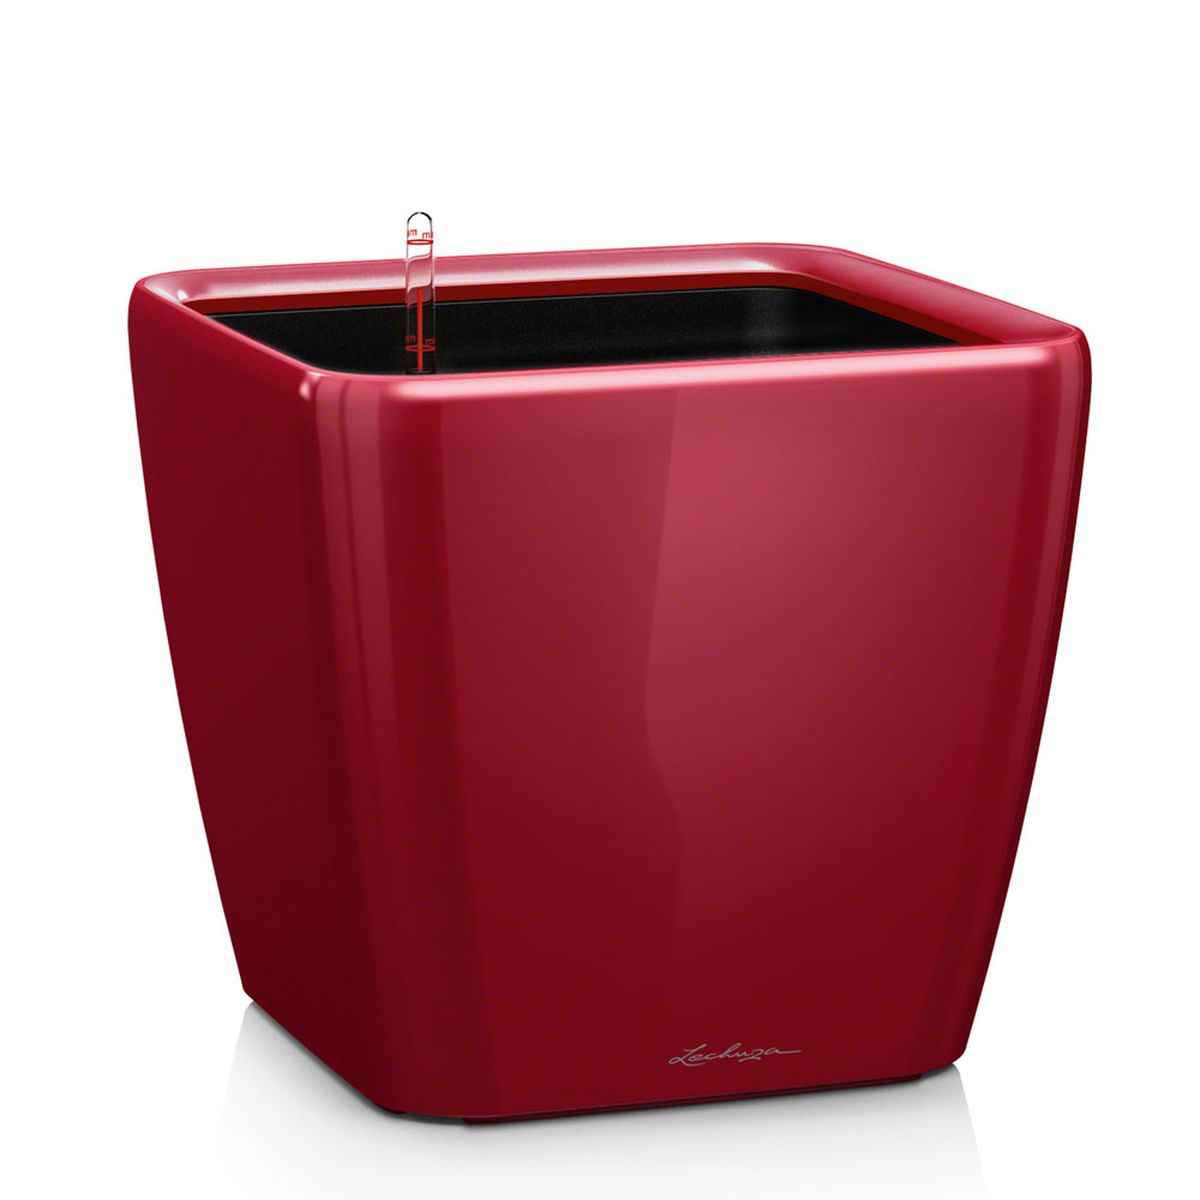 Кашпо Lechuza Quadro, с системой автополива, цвет: красный, 50 х 50 х 47 см16287Кашпо Lechuza Quadro, выполненное из высококачественного пластика, имеет уникальную систему автополива, благодаря которой корневая система растения непрерывно снабжается влагой из резервуара. Уровень воды в резервуаре контролируется с помощью специального индикатора. В зависимости от размера кашпо и растения воды хватает на 2-12 недель. Это способствует хорошему росту цветов и предотвращает переувлажнение.В набор входит: кашпо, внутренний горшок с выдвижной эргономичной ручкой, индикатор уровня воды, вал подачи воды, субстрат растений в качестве дренажного слоя, резервуар для воды.Кашпо Lechuza Quadro прекрасно впишется в любой интерьер. Оно поможет расставить нужные акценты, а также придаст помещению вид, соответствующий вашим представлениям.